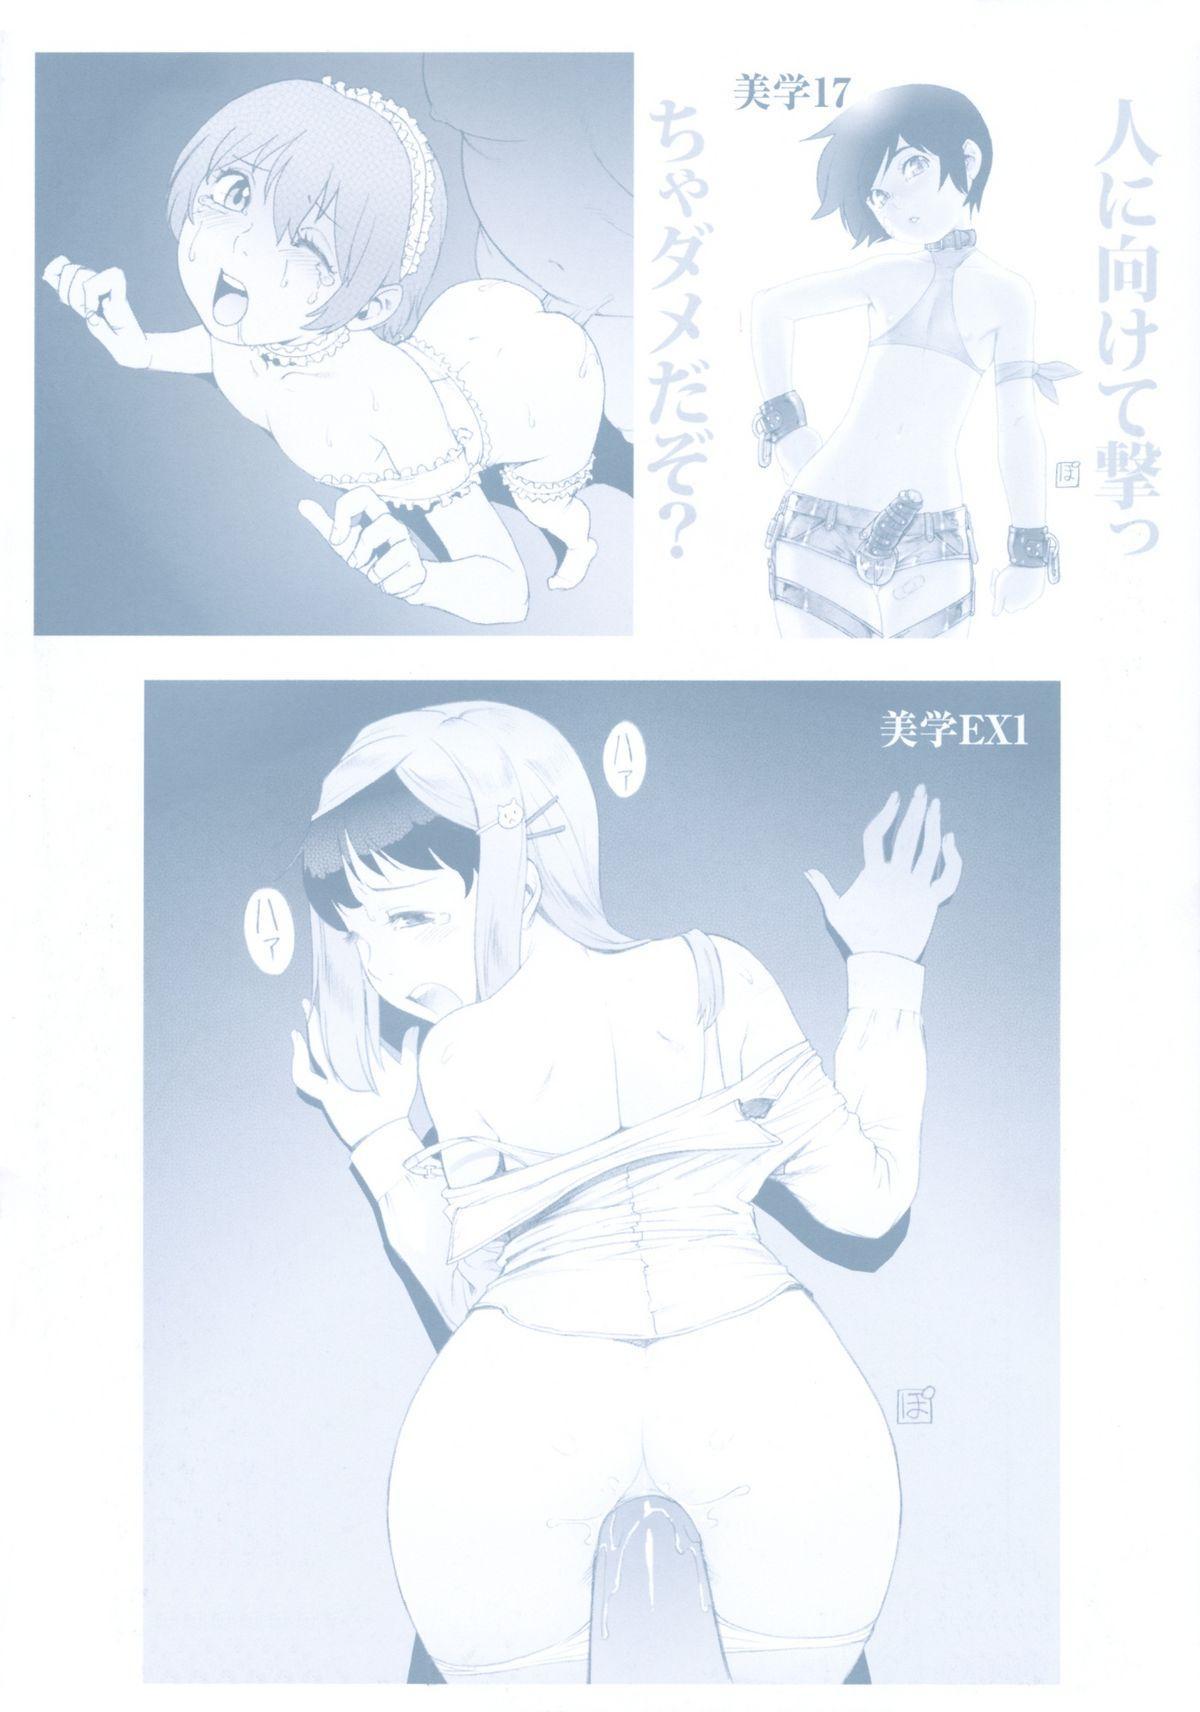 [Po-Ju] PO-JU WORKS - Po-Ju Shota Shougyoushi Zensakuhinshuu 1998-2009 4